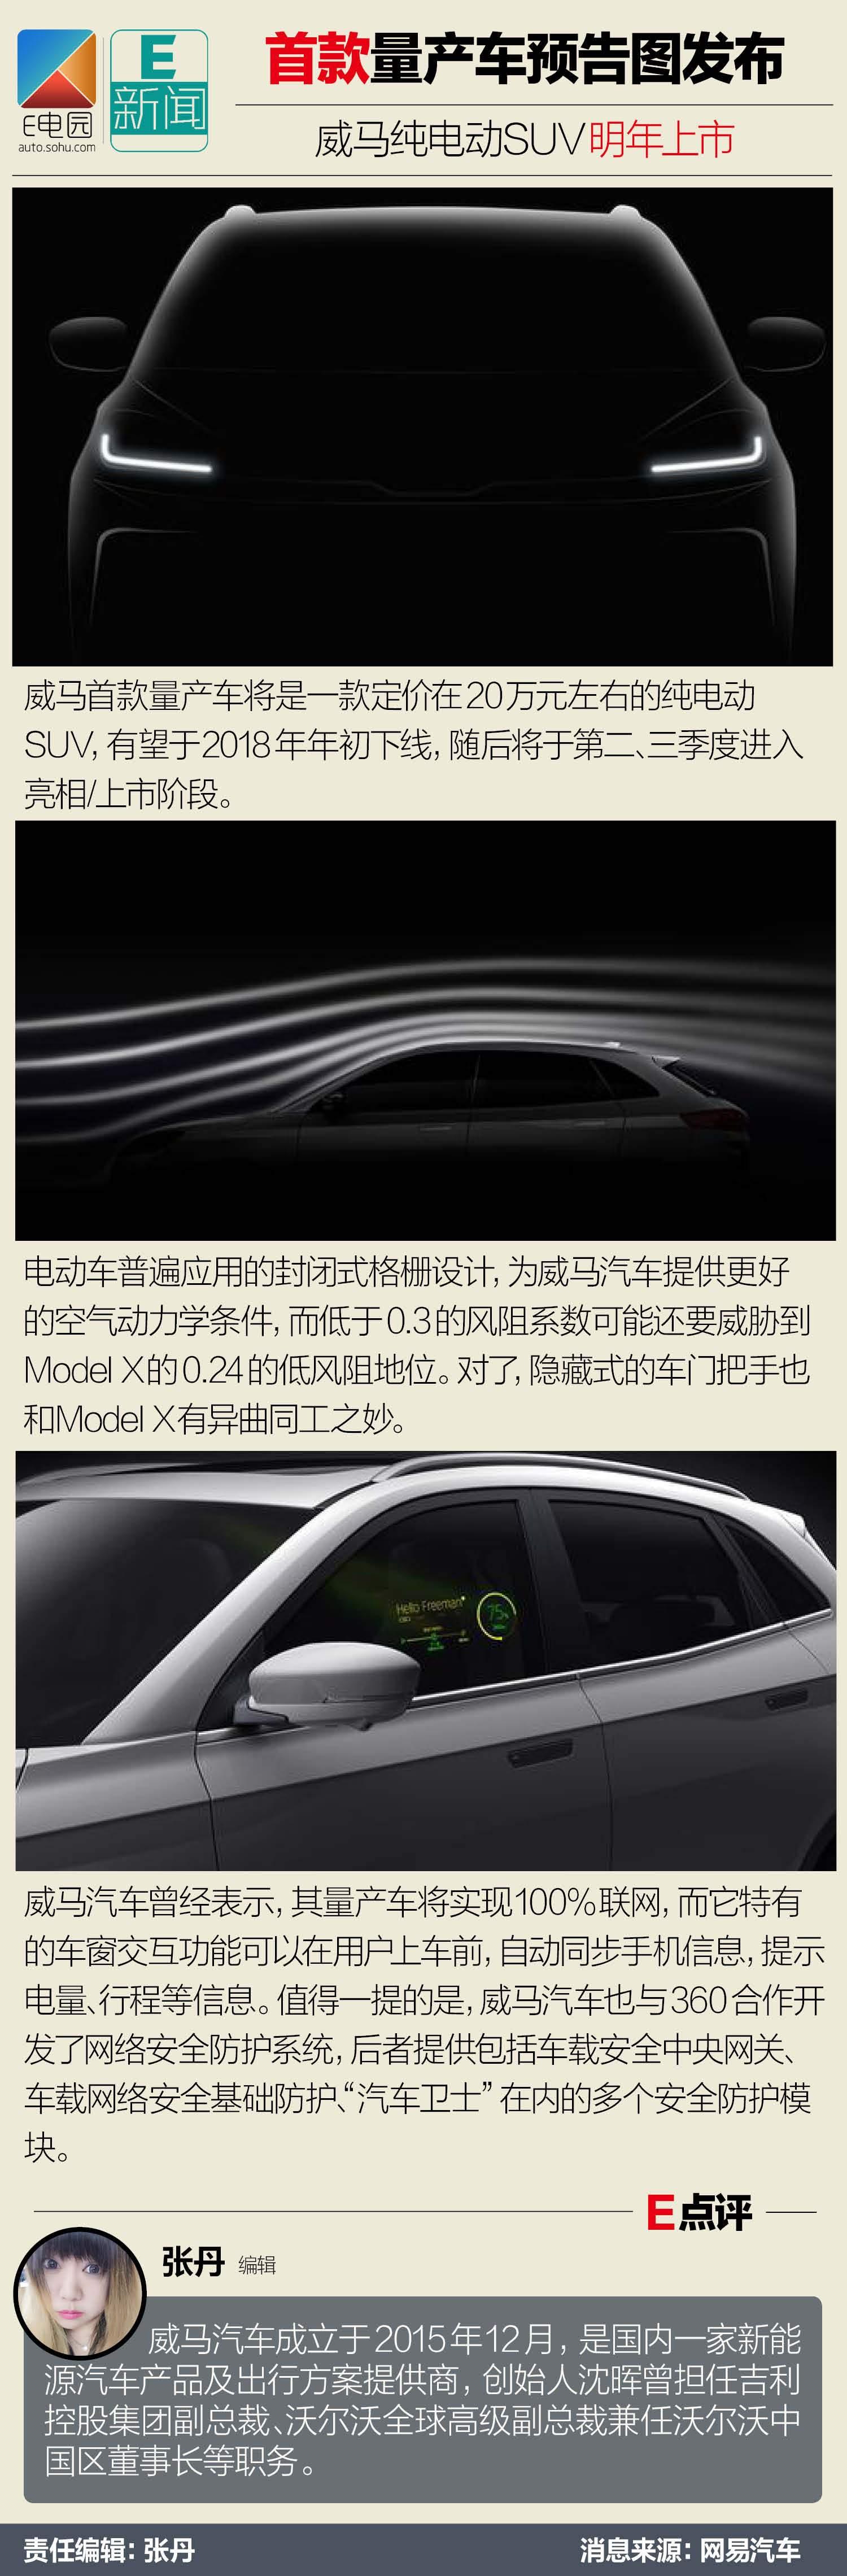 首款量产车预告图发布 威马纯电动SUV明年上市(第1页) -